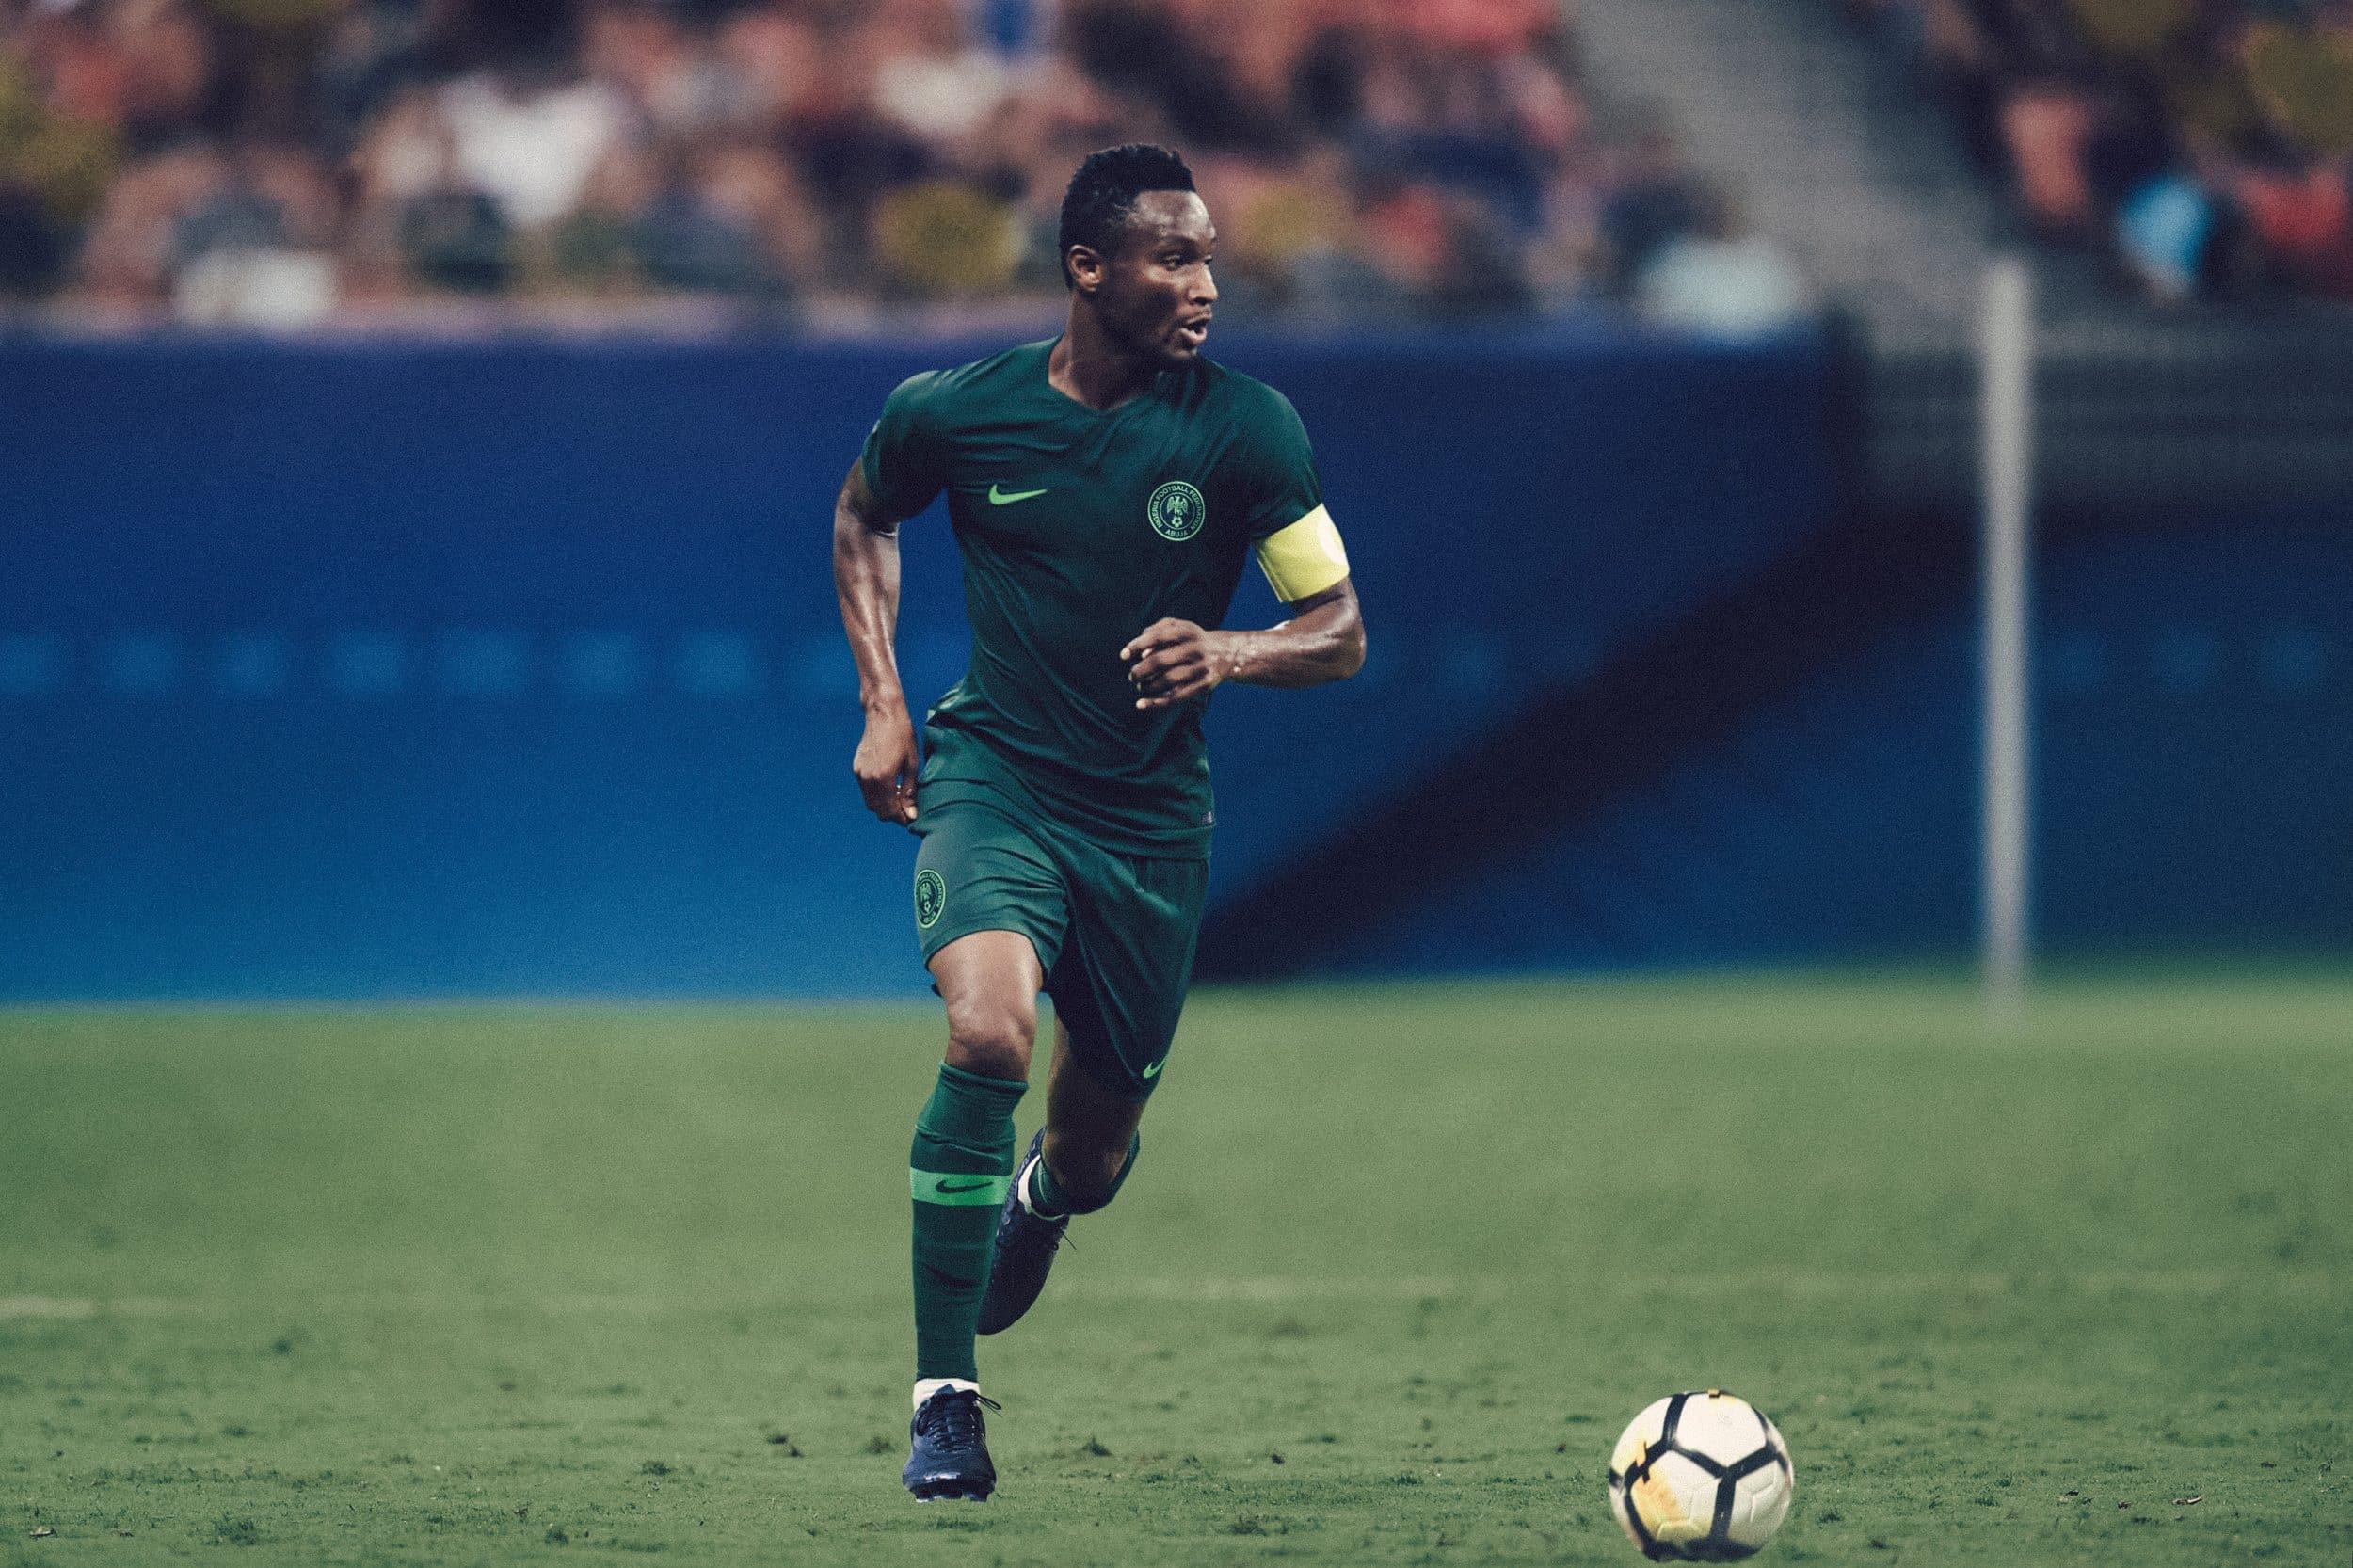 nouveau-maillot-football-nigeria-coupe-du-monde-2018-3